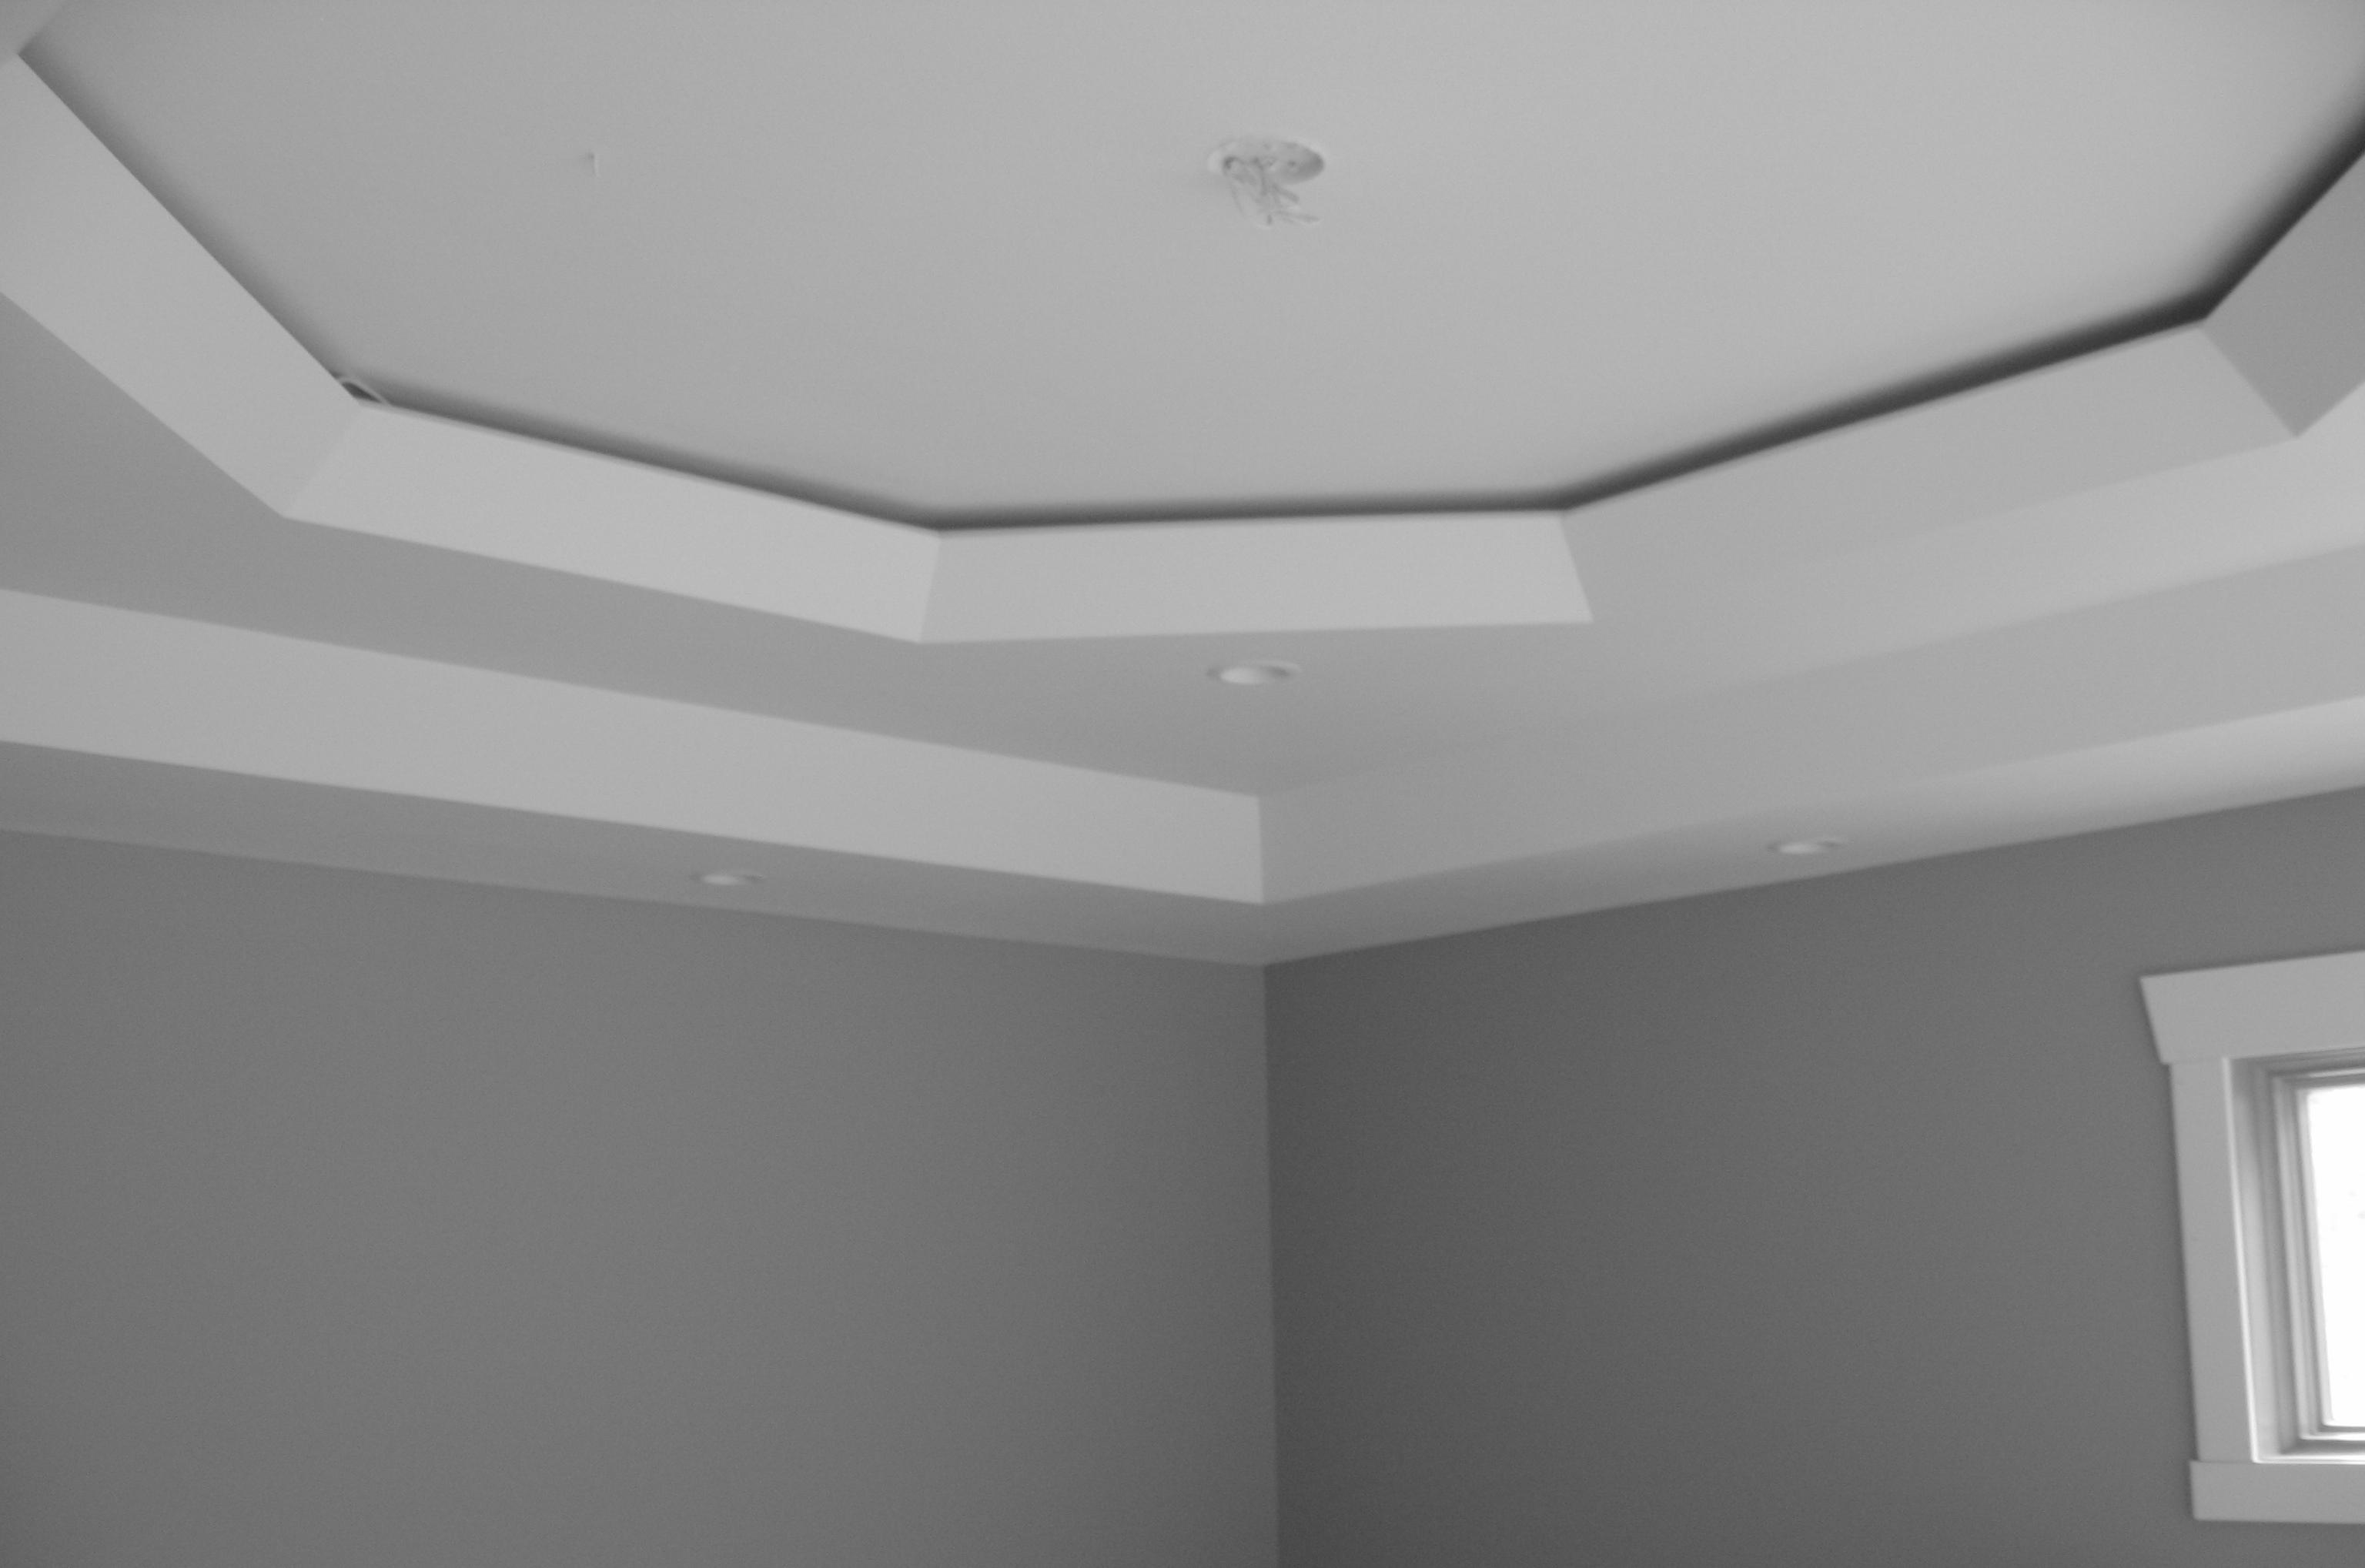 Custom drywall ceiling